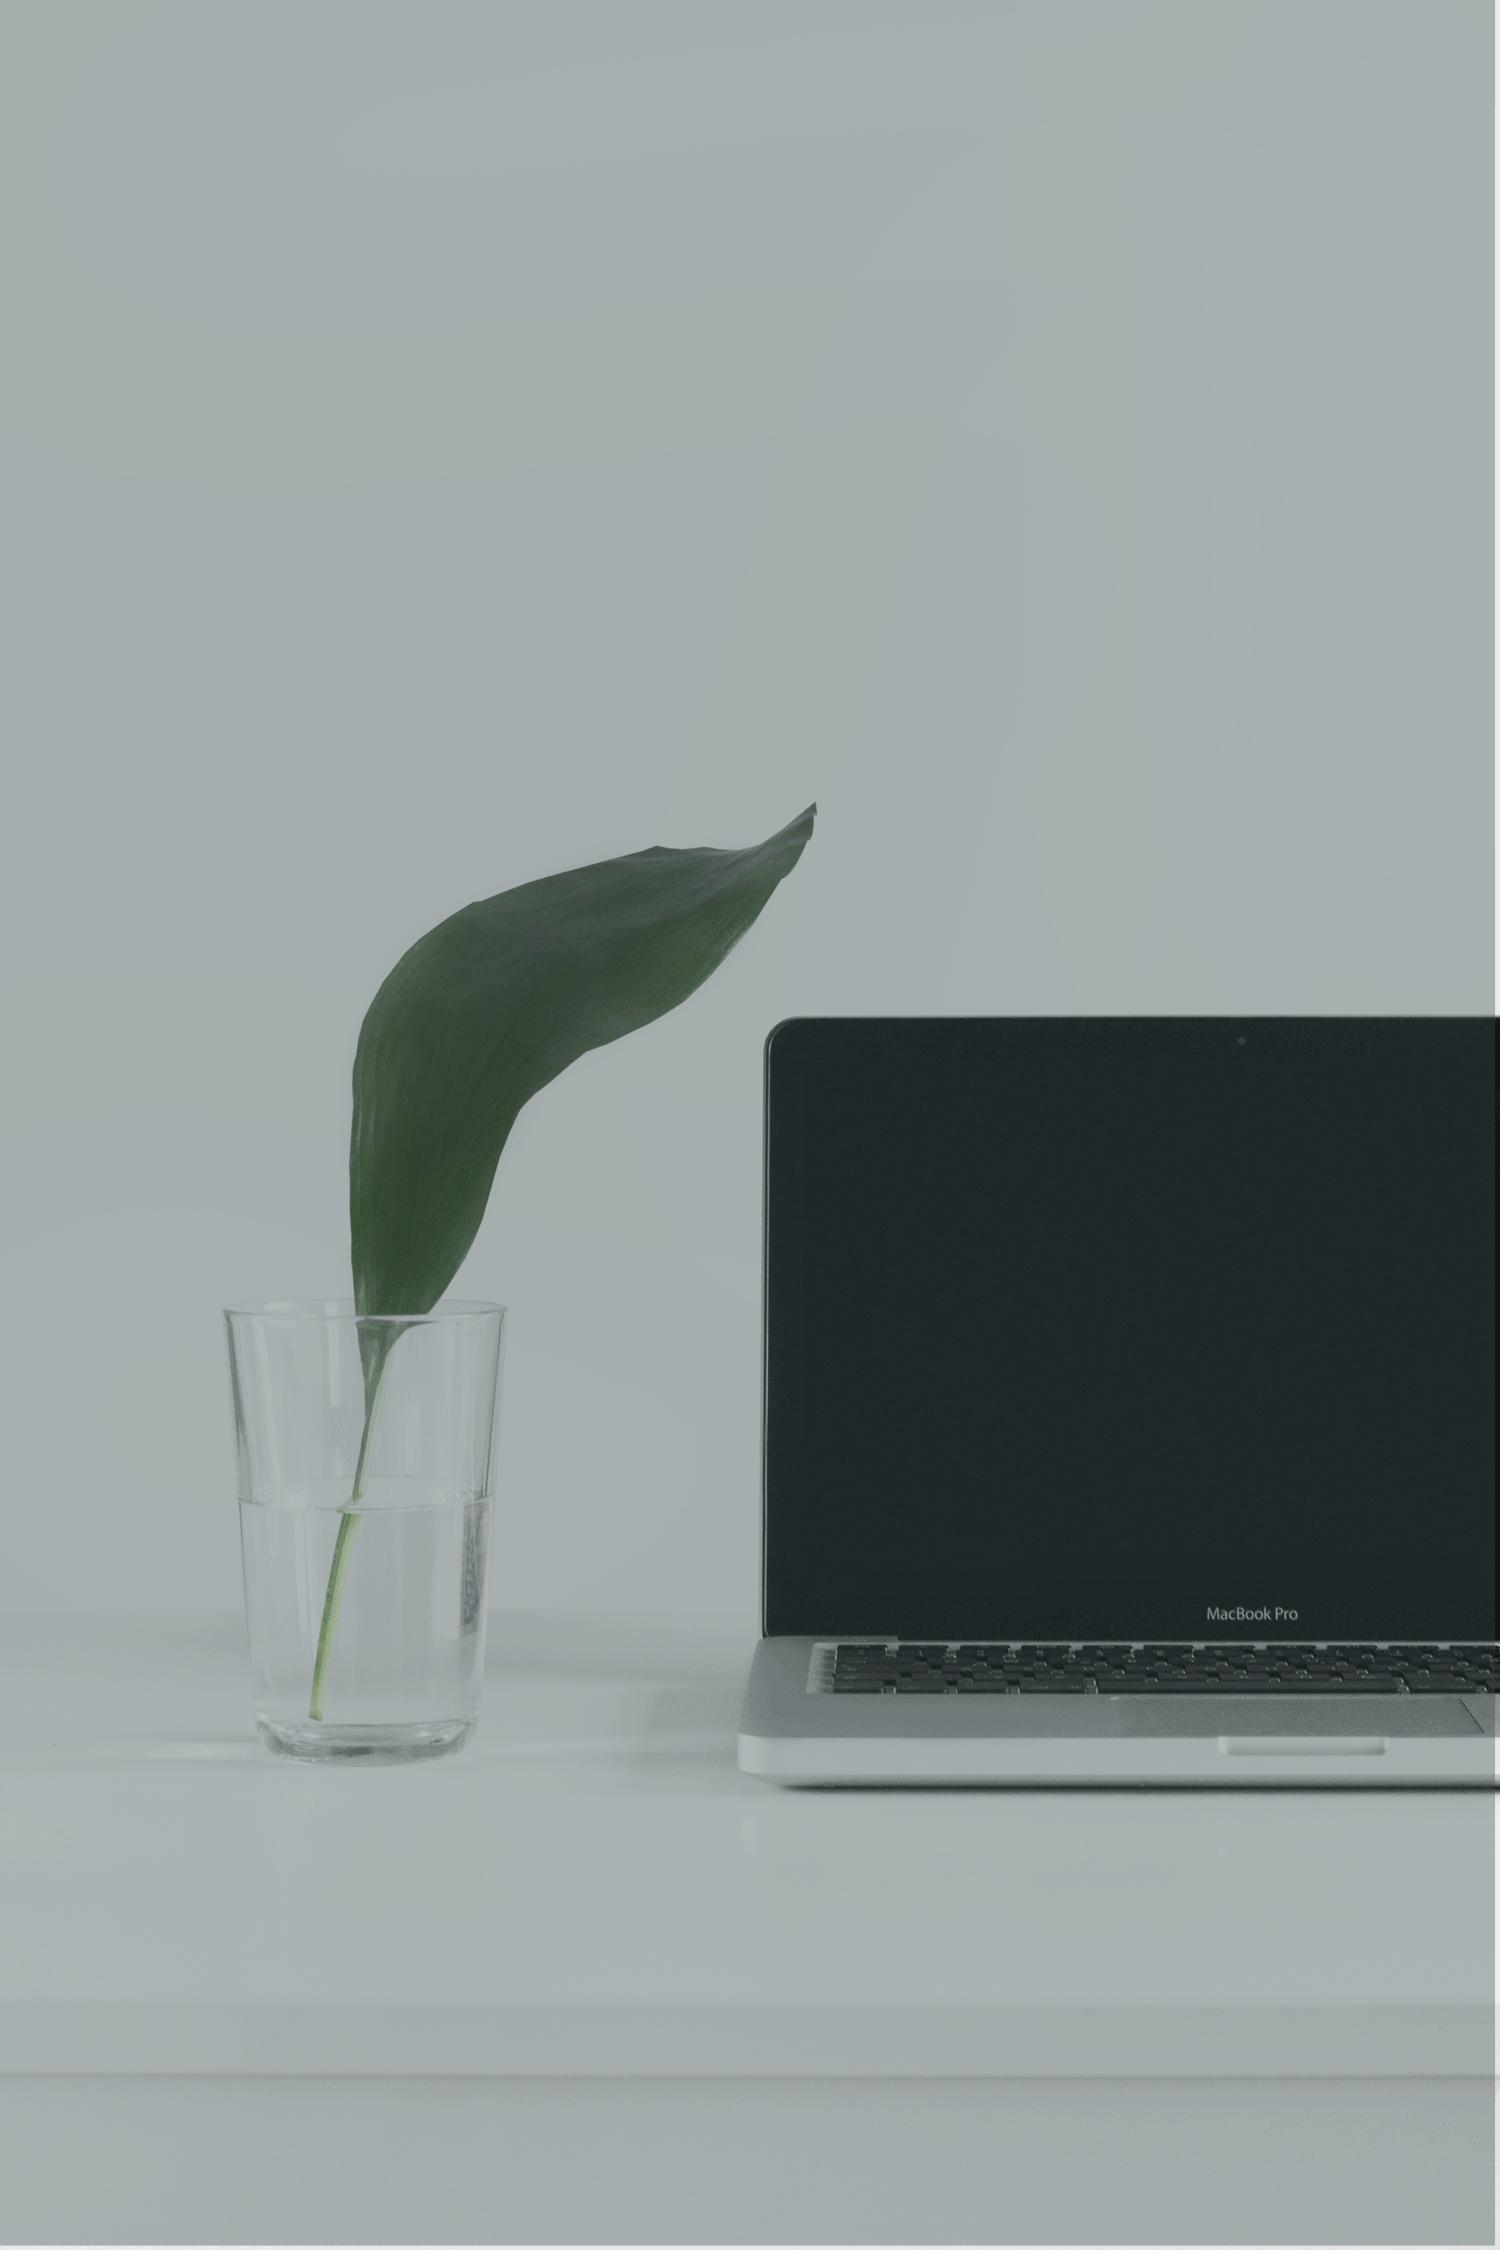 Laptop_leaf_overlay_1500.png